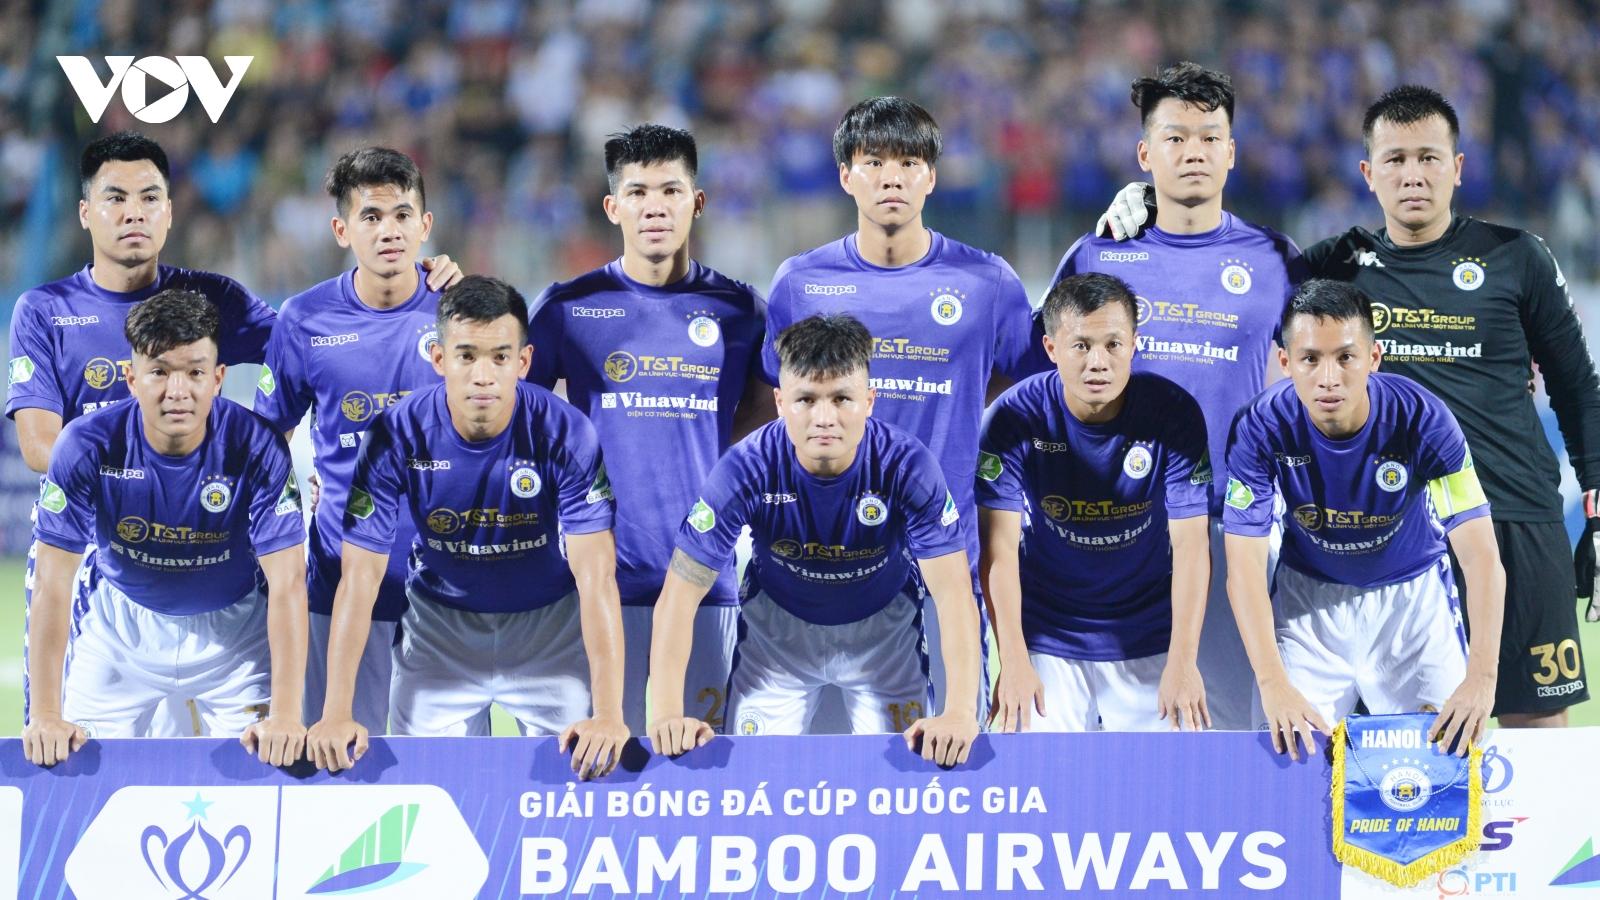 Quang Hải và Hùng Dũng dự đoán thú vị trước trận Hà Nội FC - TPHCM